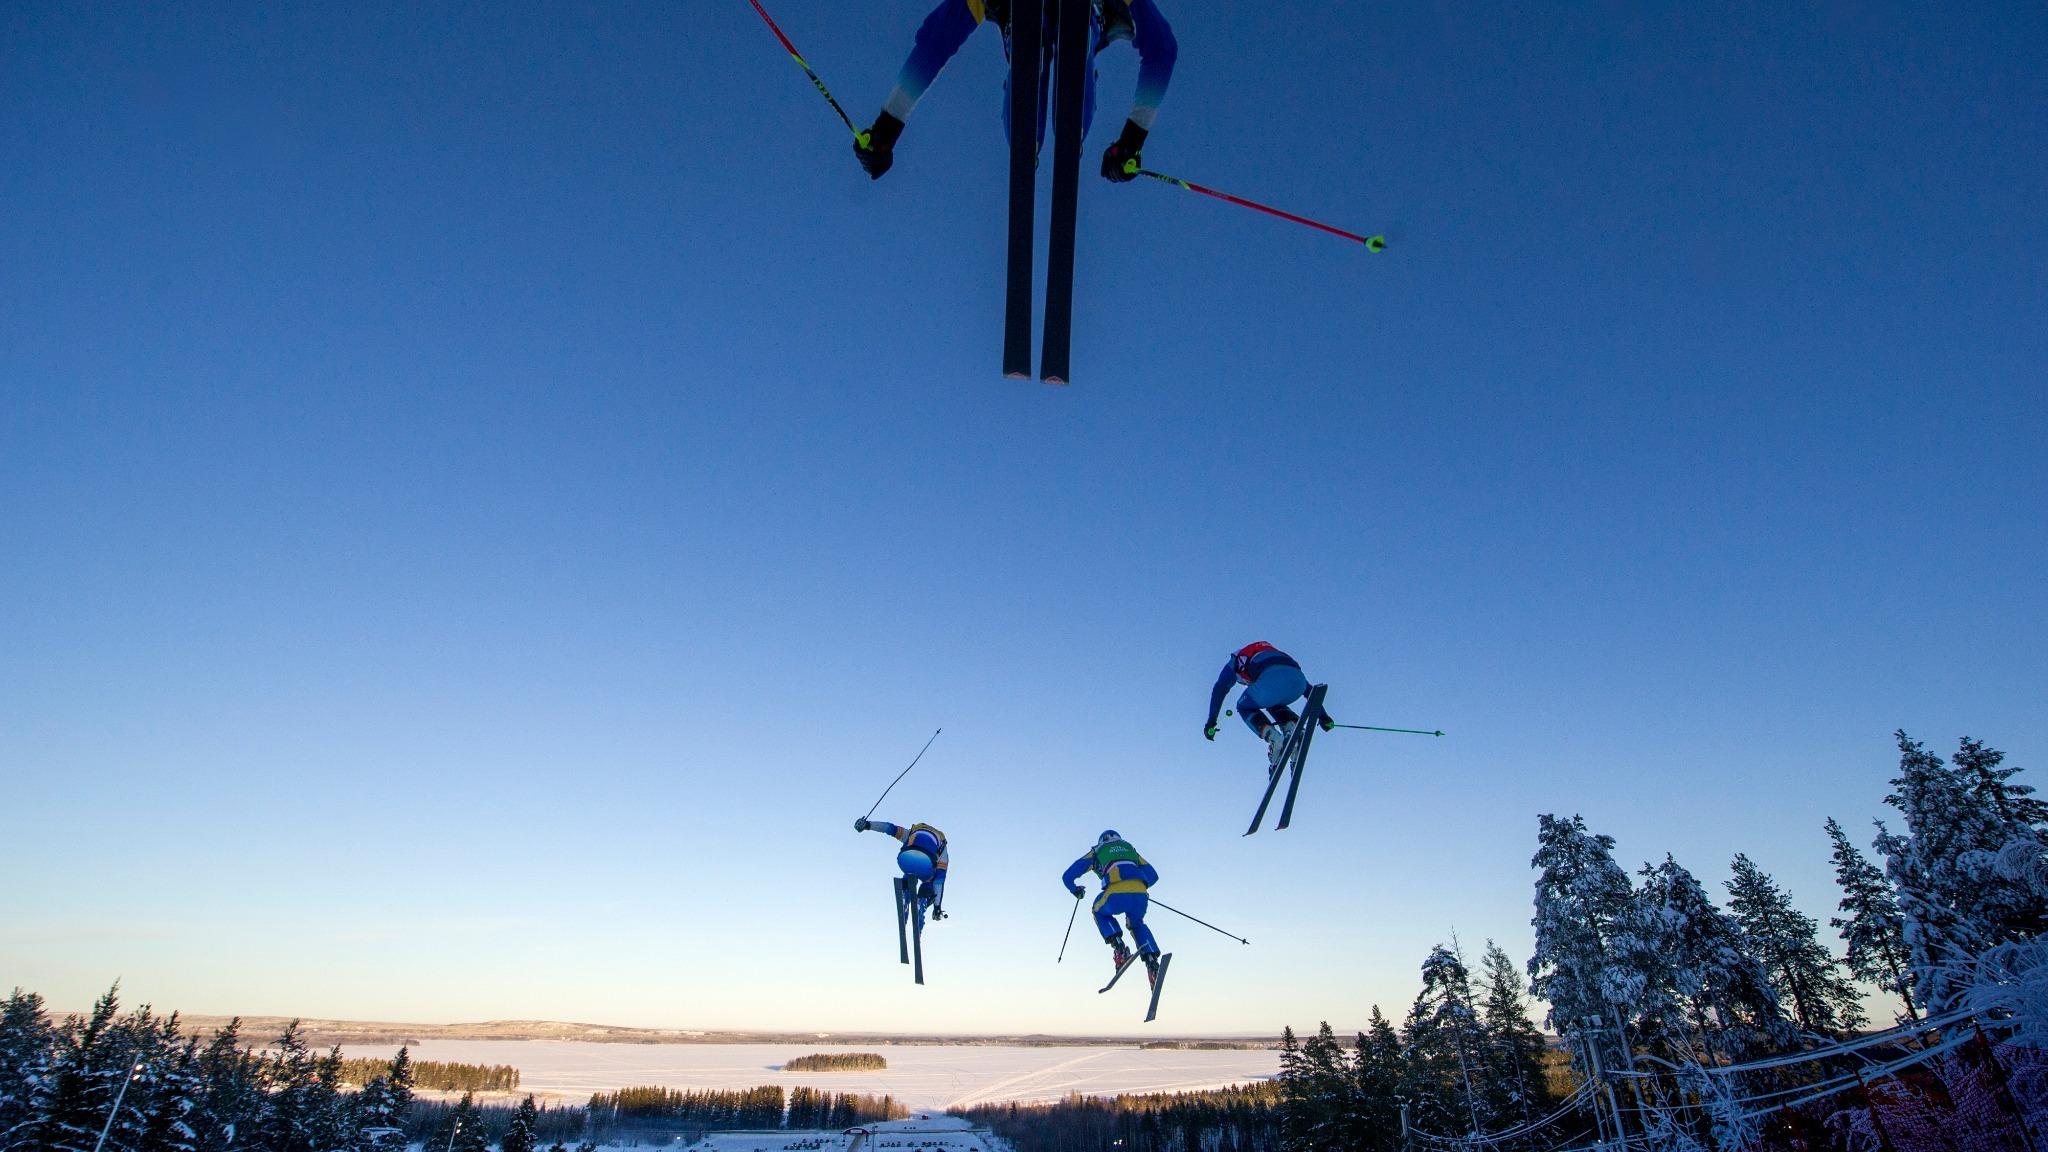 Fyra skidåkare flyger genom luften.